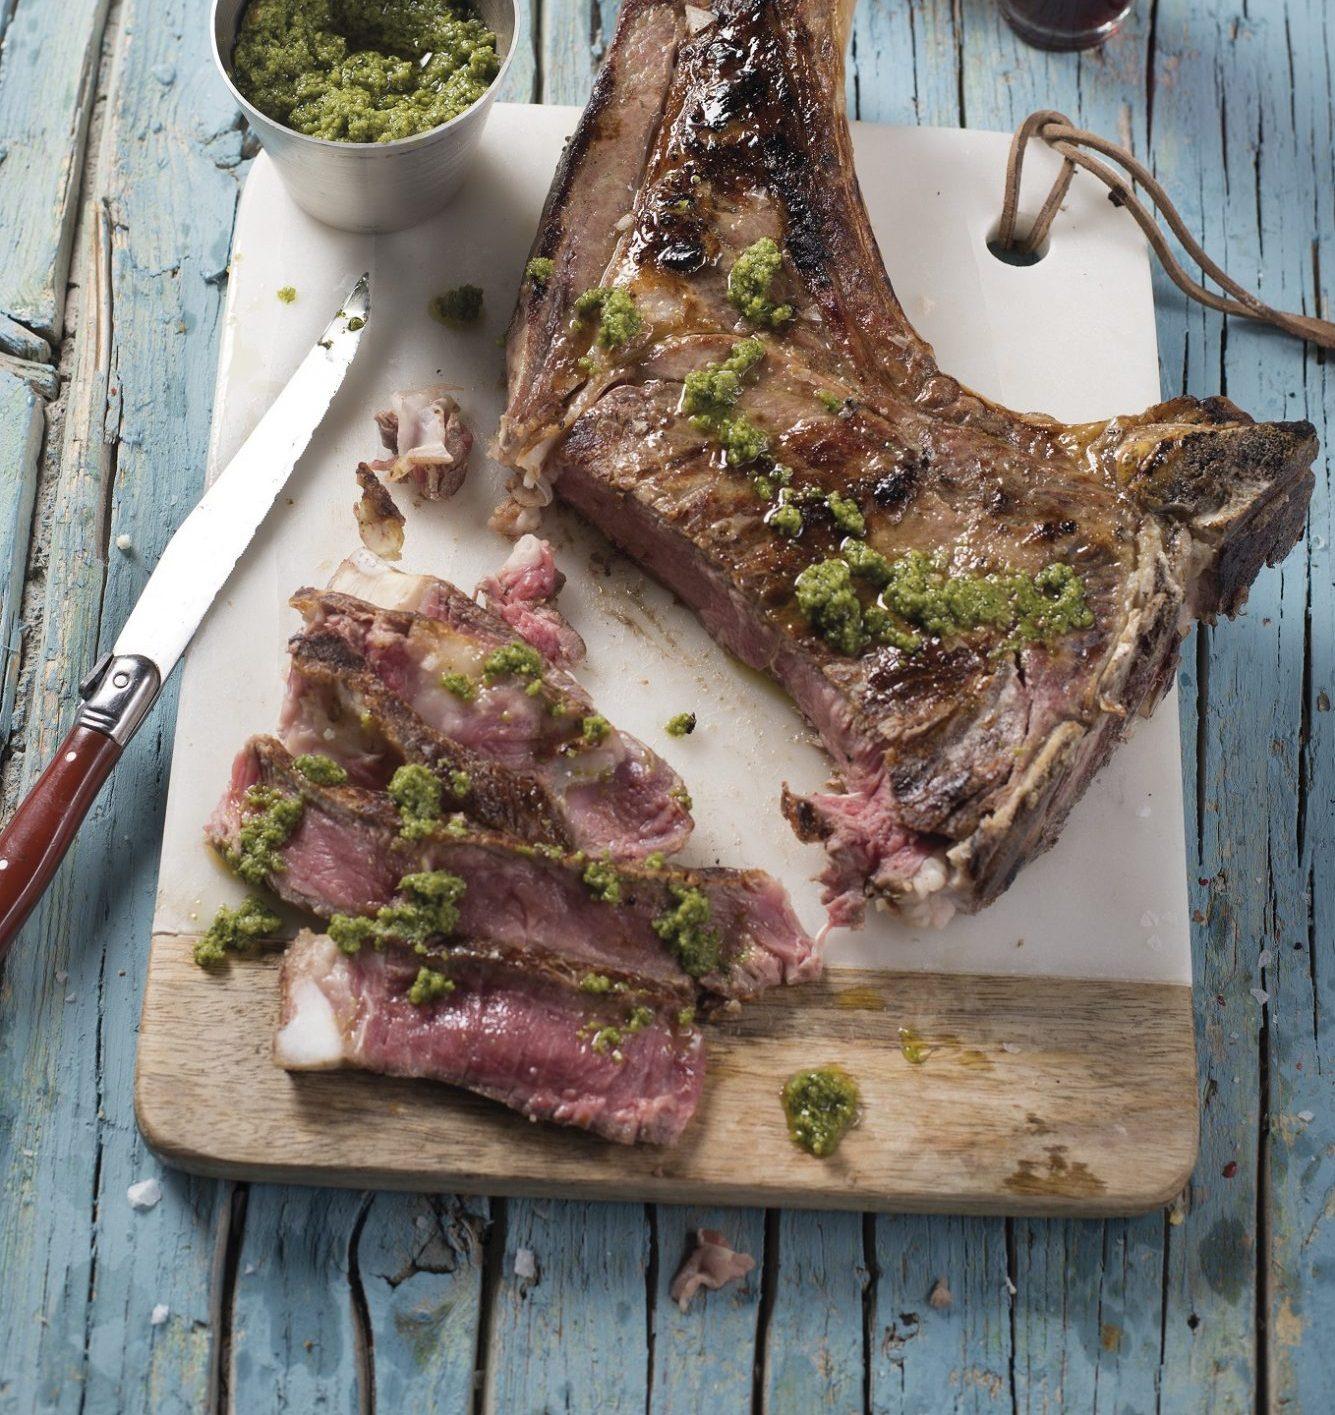 Βοδινό με πέστο: Η συνταγή που θα απογειώσει τις μαγειρικές σου ικανότητες